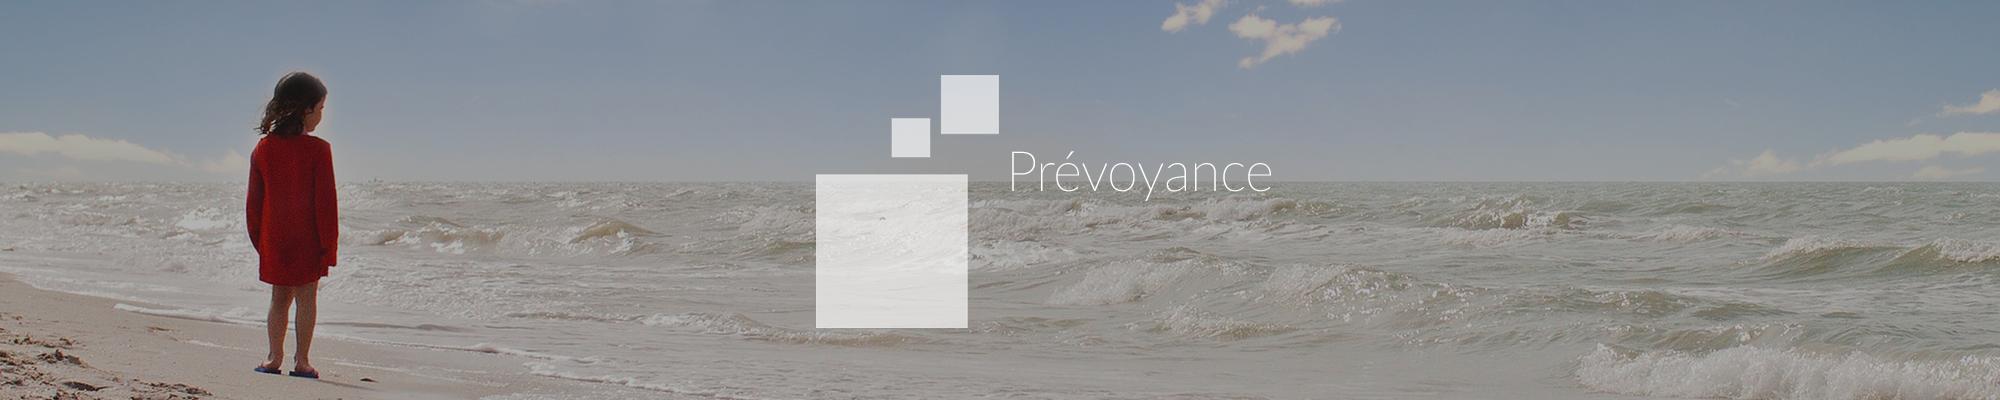 slide-prevoyance